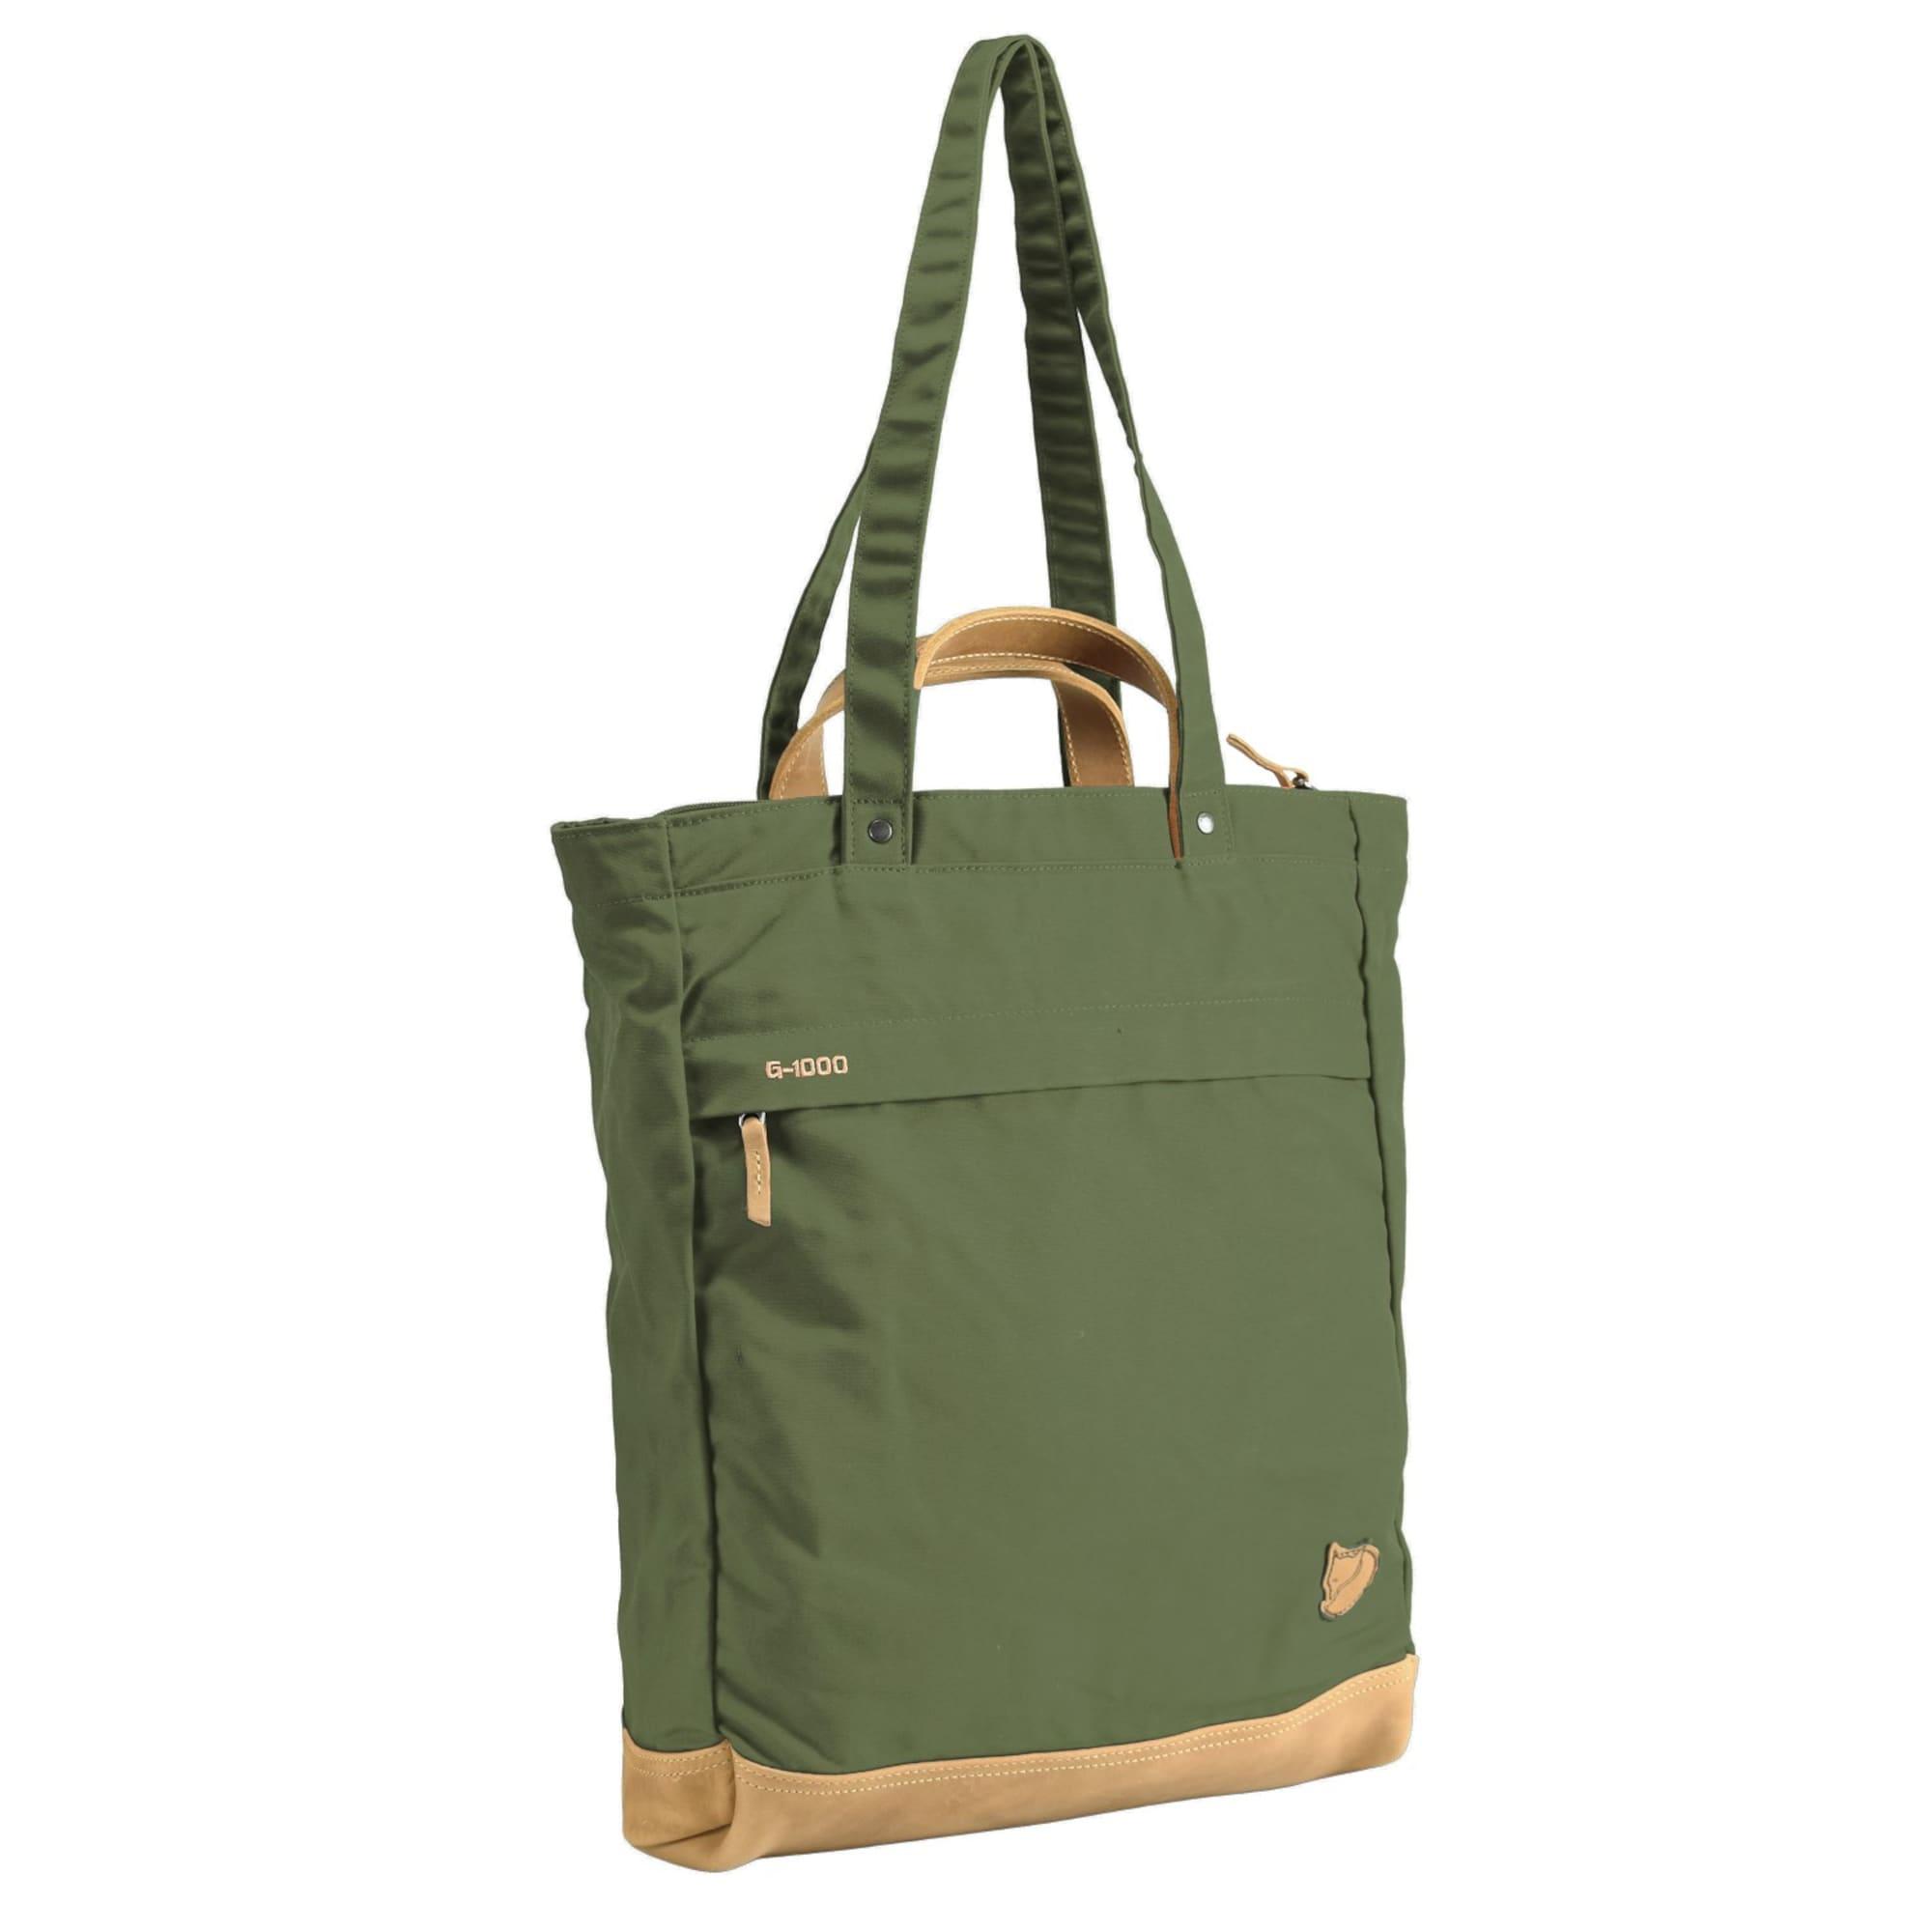 fjällräven - Totepack No.2 Shopper Tasche